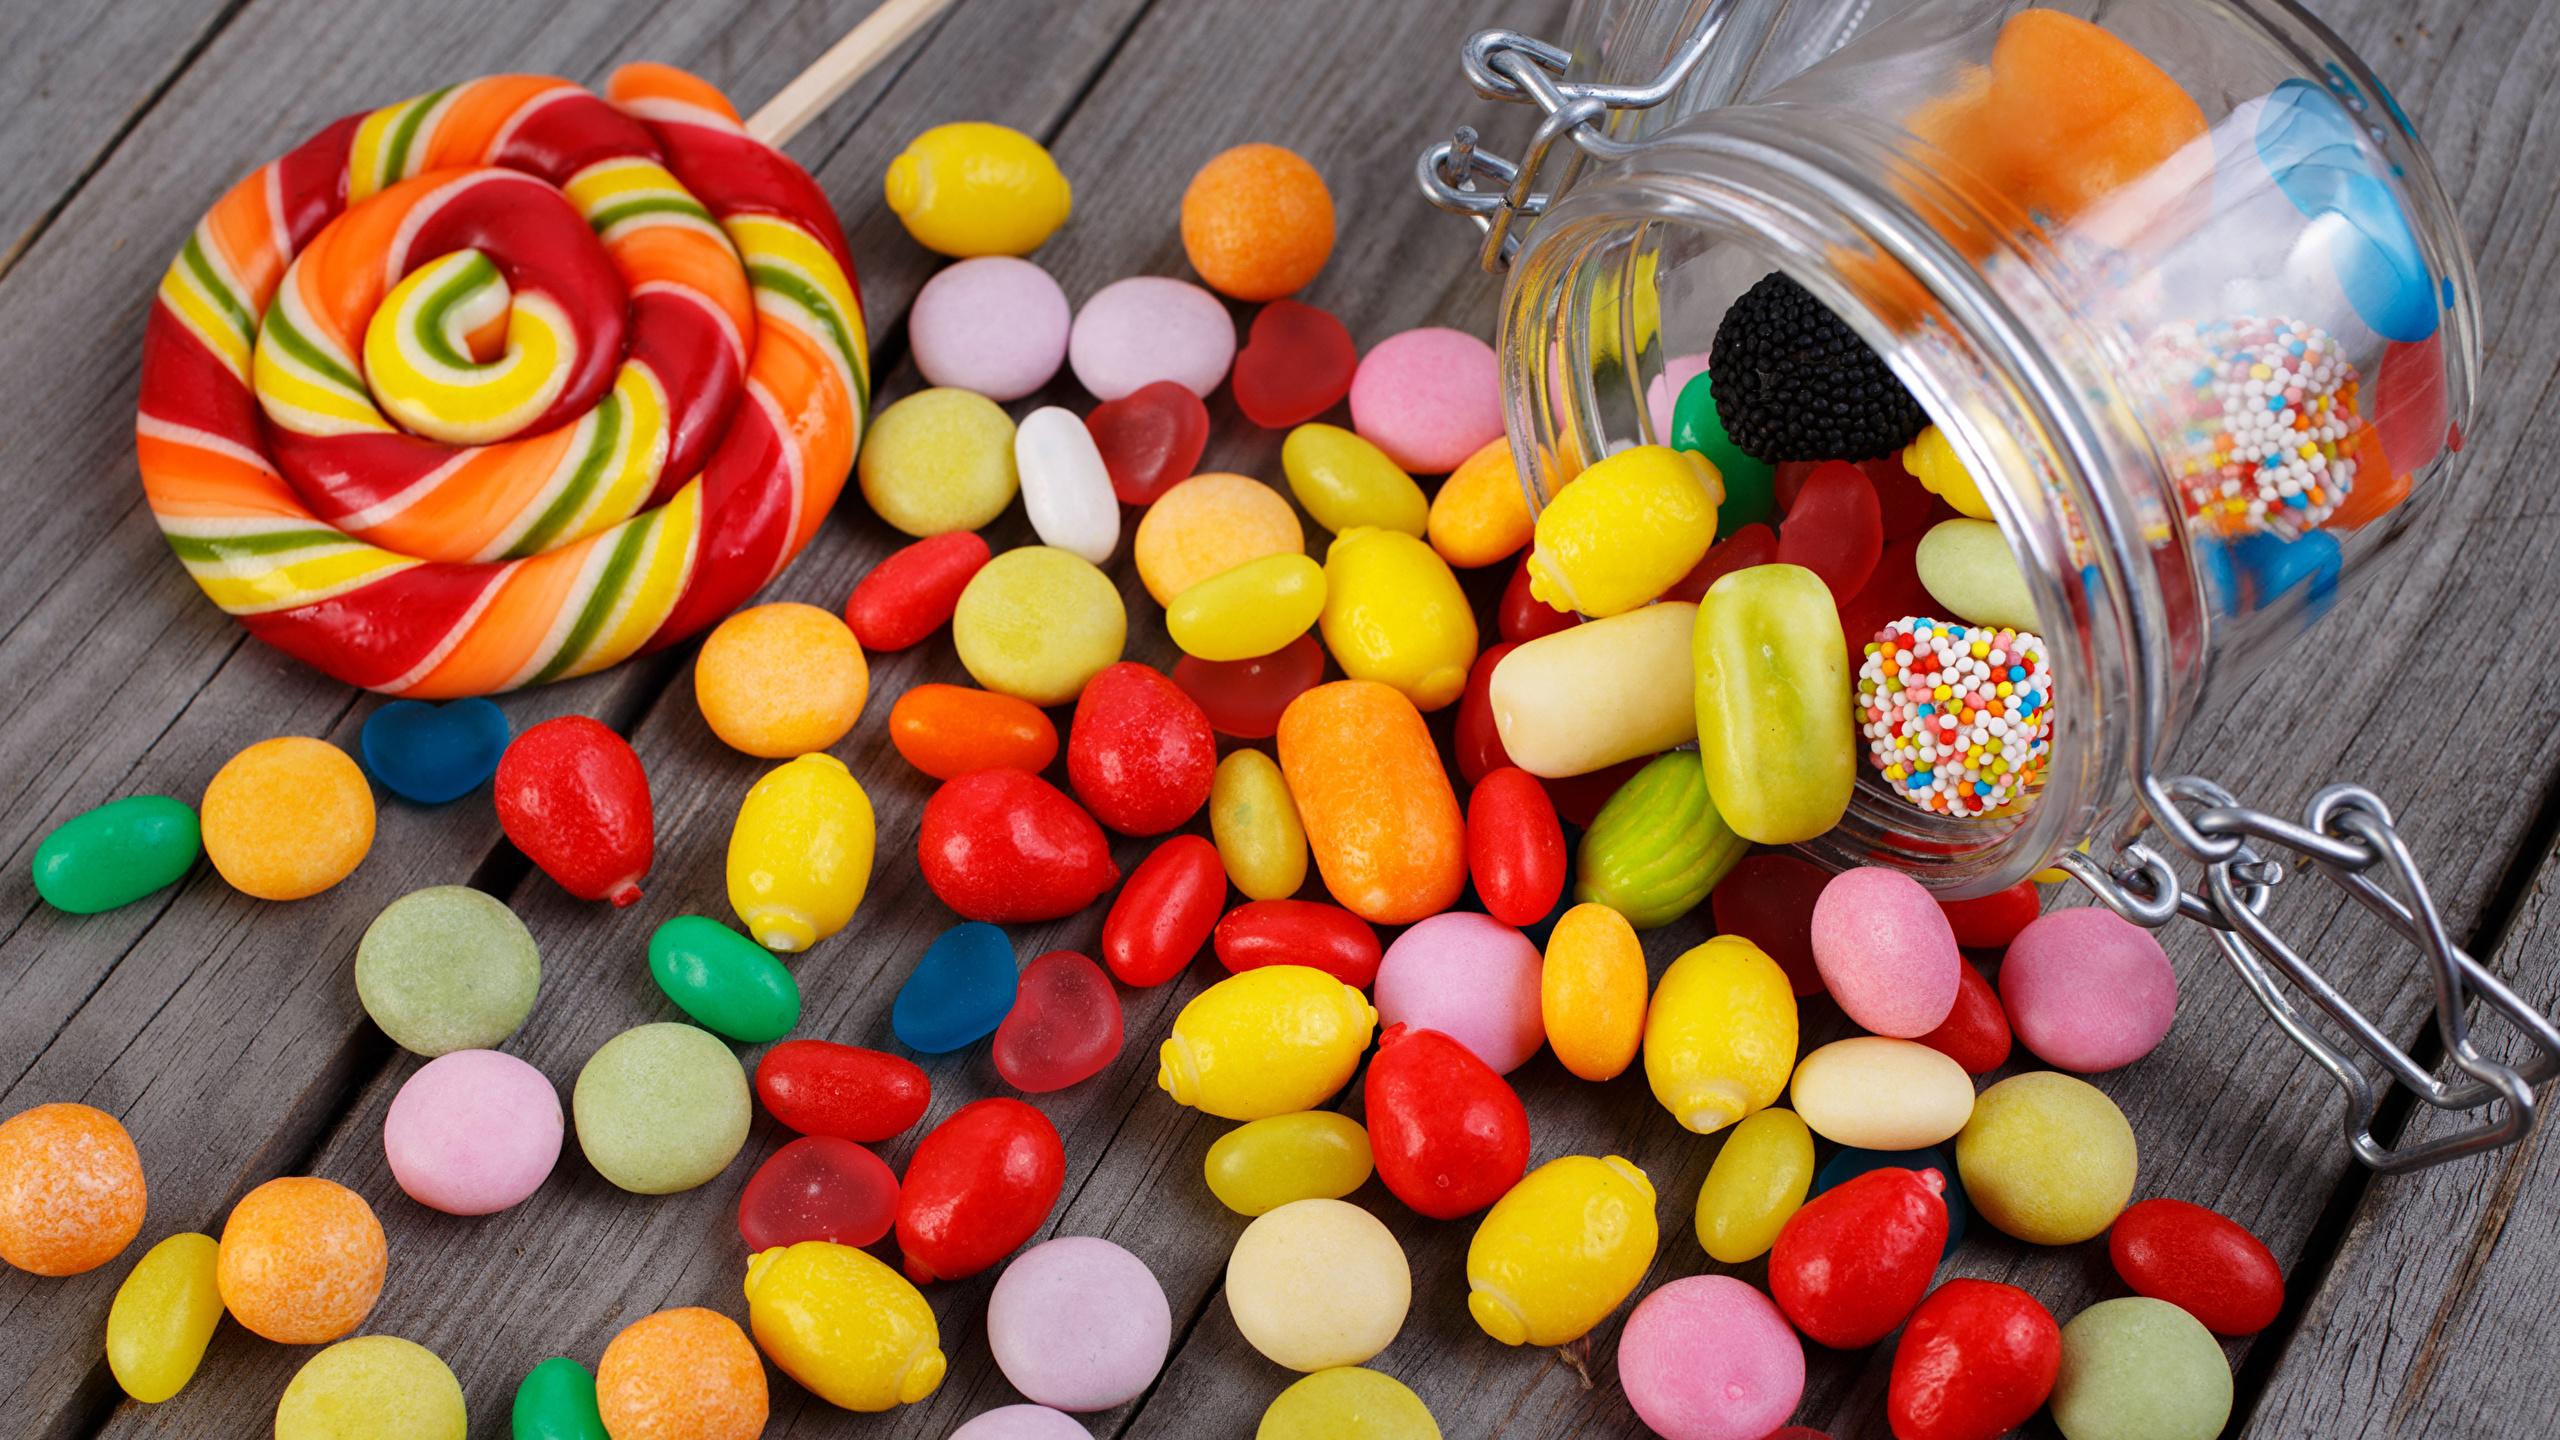 Картинка Еда Леденцы Конфеты Доски банки Сладости Драже 2560x1440 Пища Продукты питания Банка банке сладкая еда